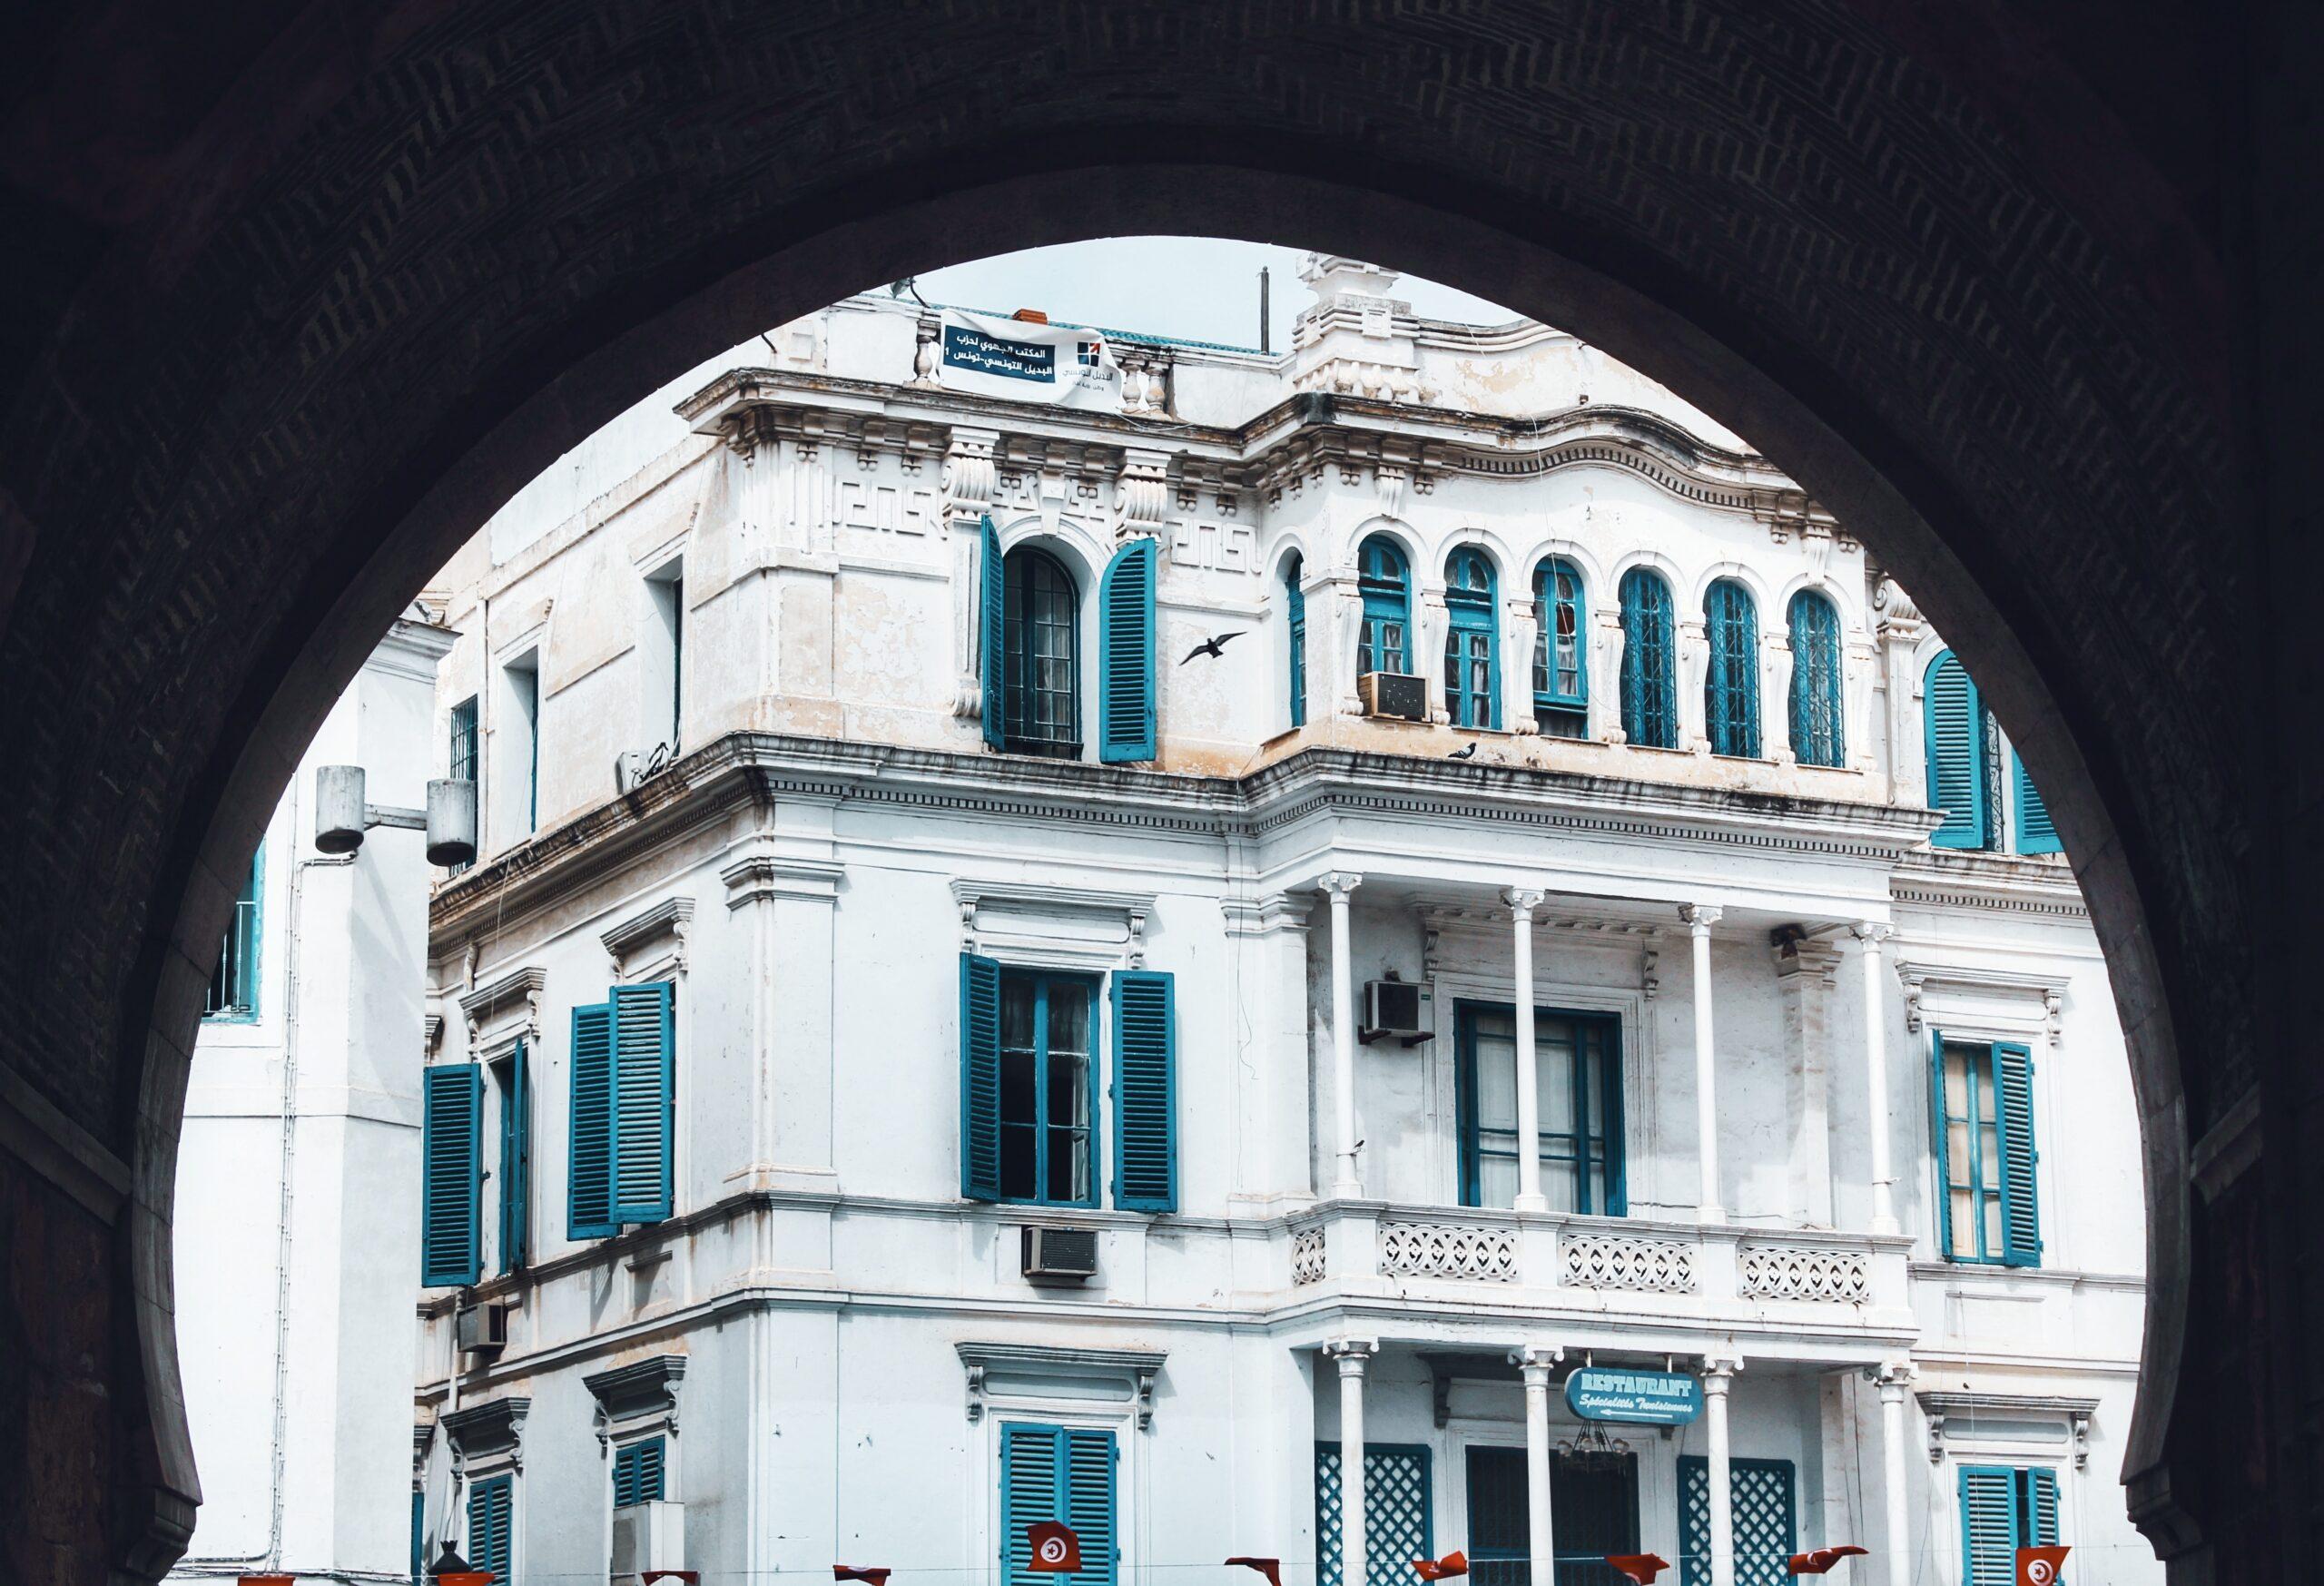 Imagen de la noticia Hacia una mejor difusión de los derechos humanos para las poblaciones de Cité Hlel, gobernorado de Túnez, y de Sers, gobernorado de El Kef (Túnez)